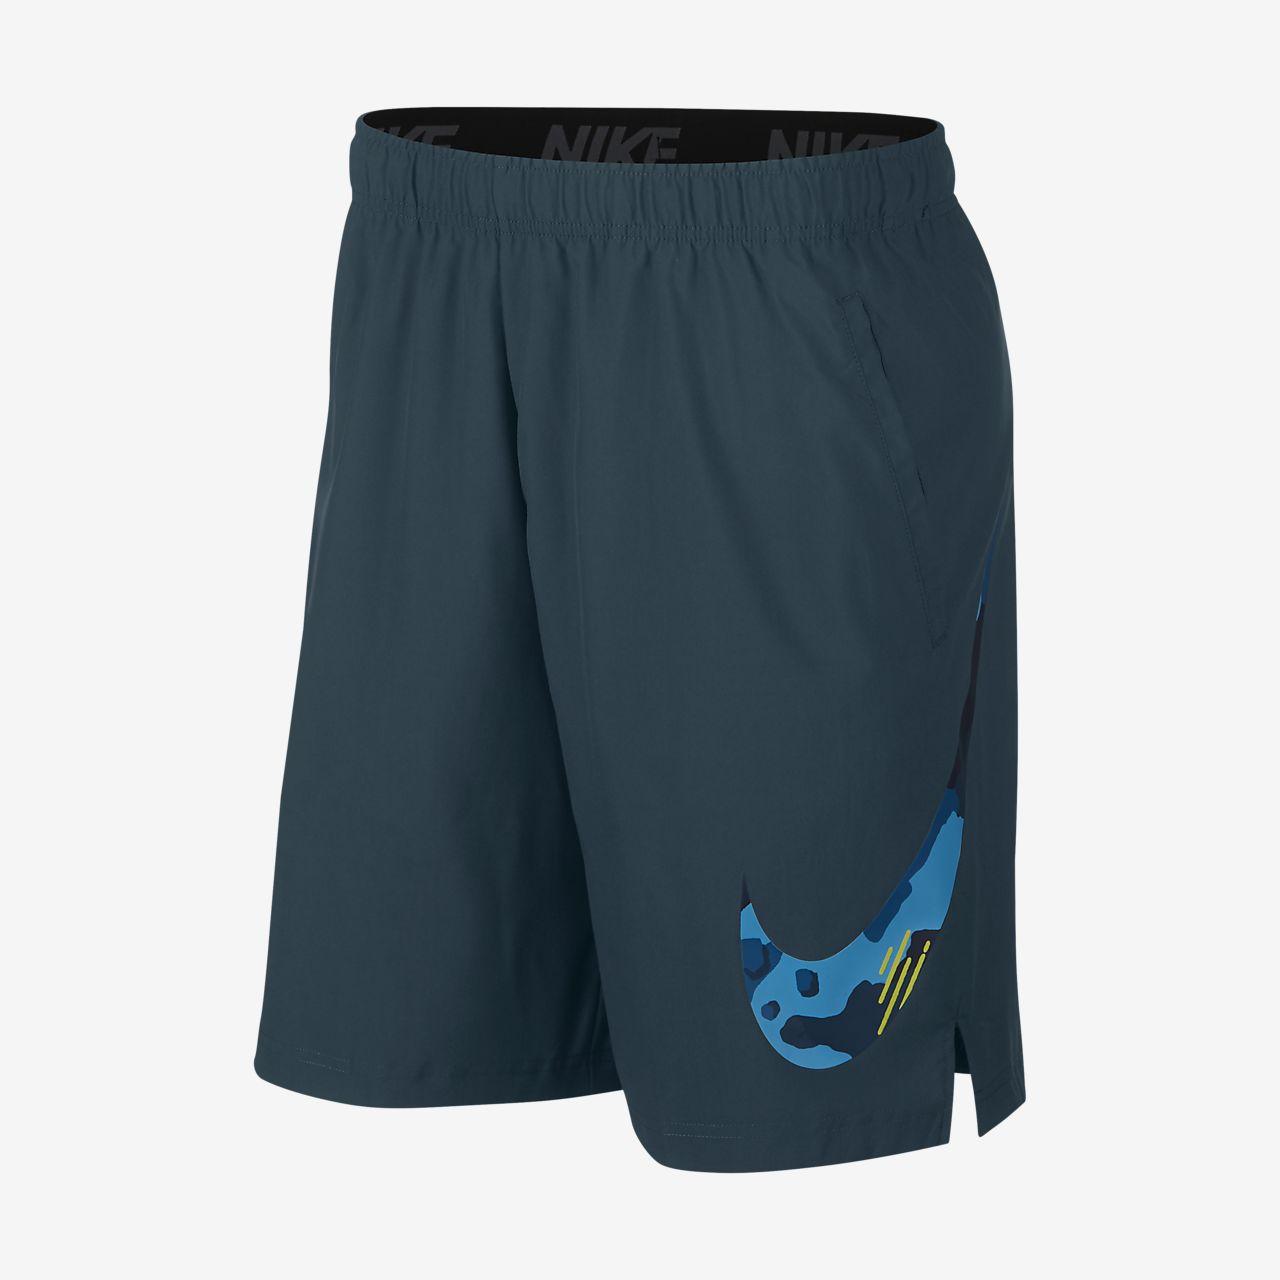 Träningsshorts Nike Flex för män